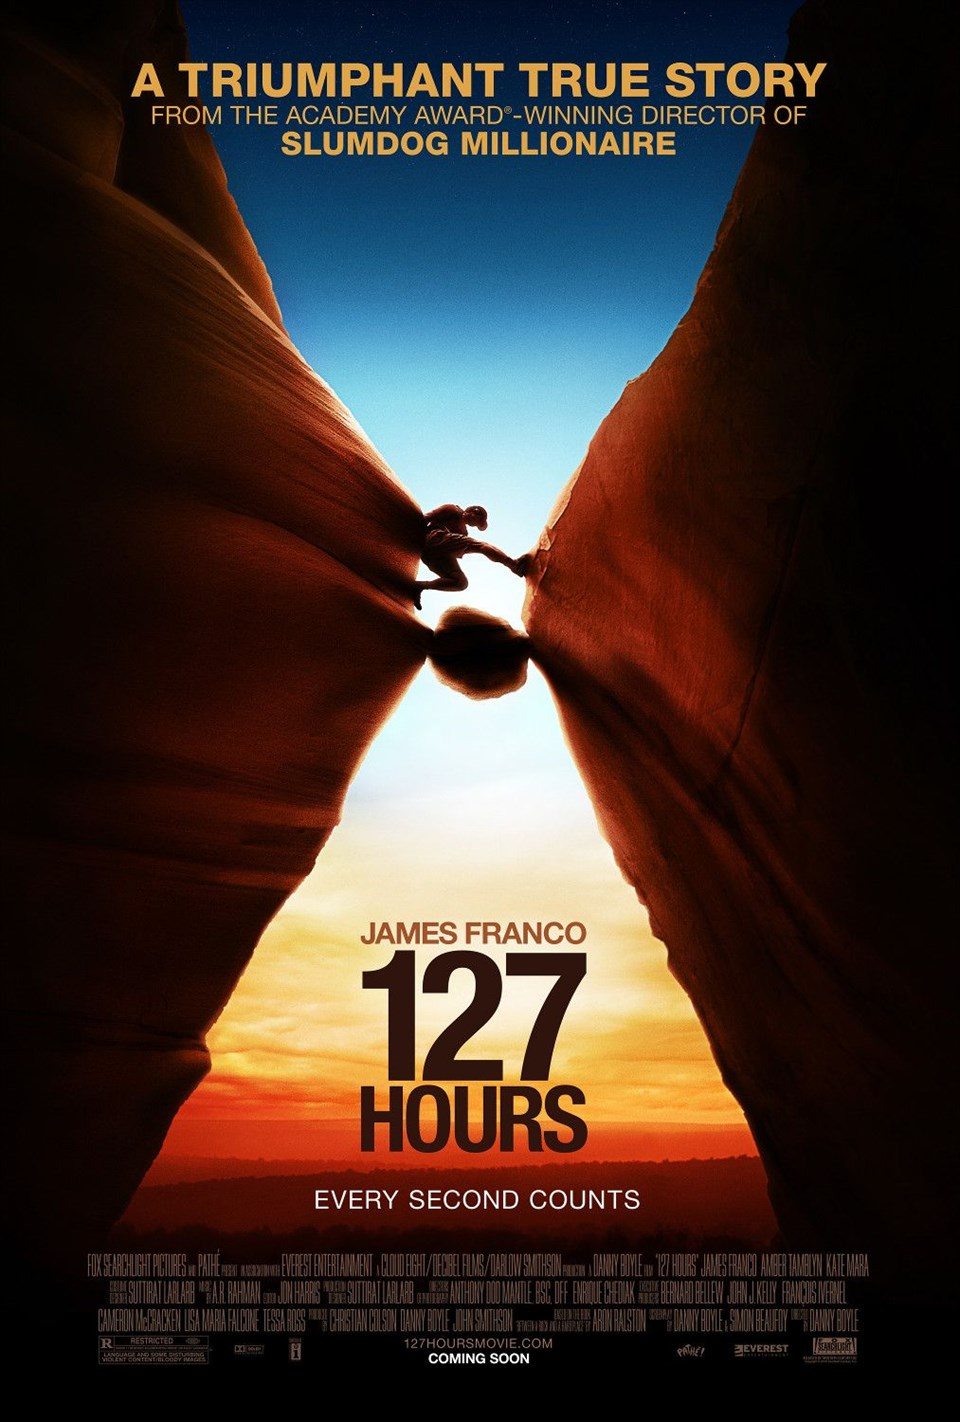 en iyi dağcılık filmleri, en güzel dağcılık filmleri, tırmanış filmleri, 127 hours